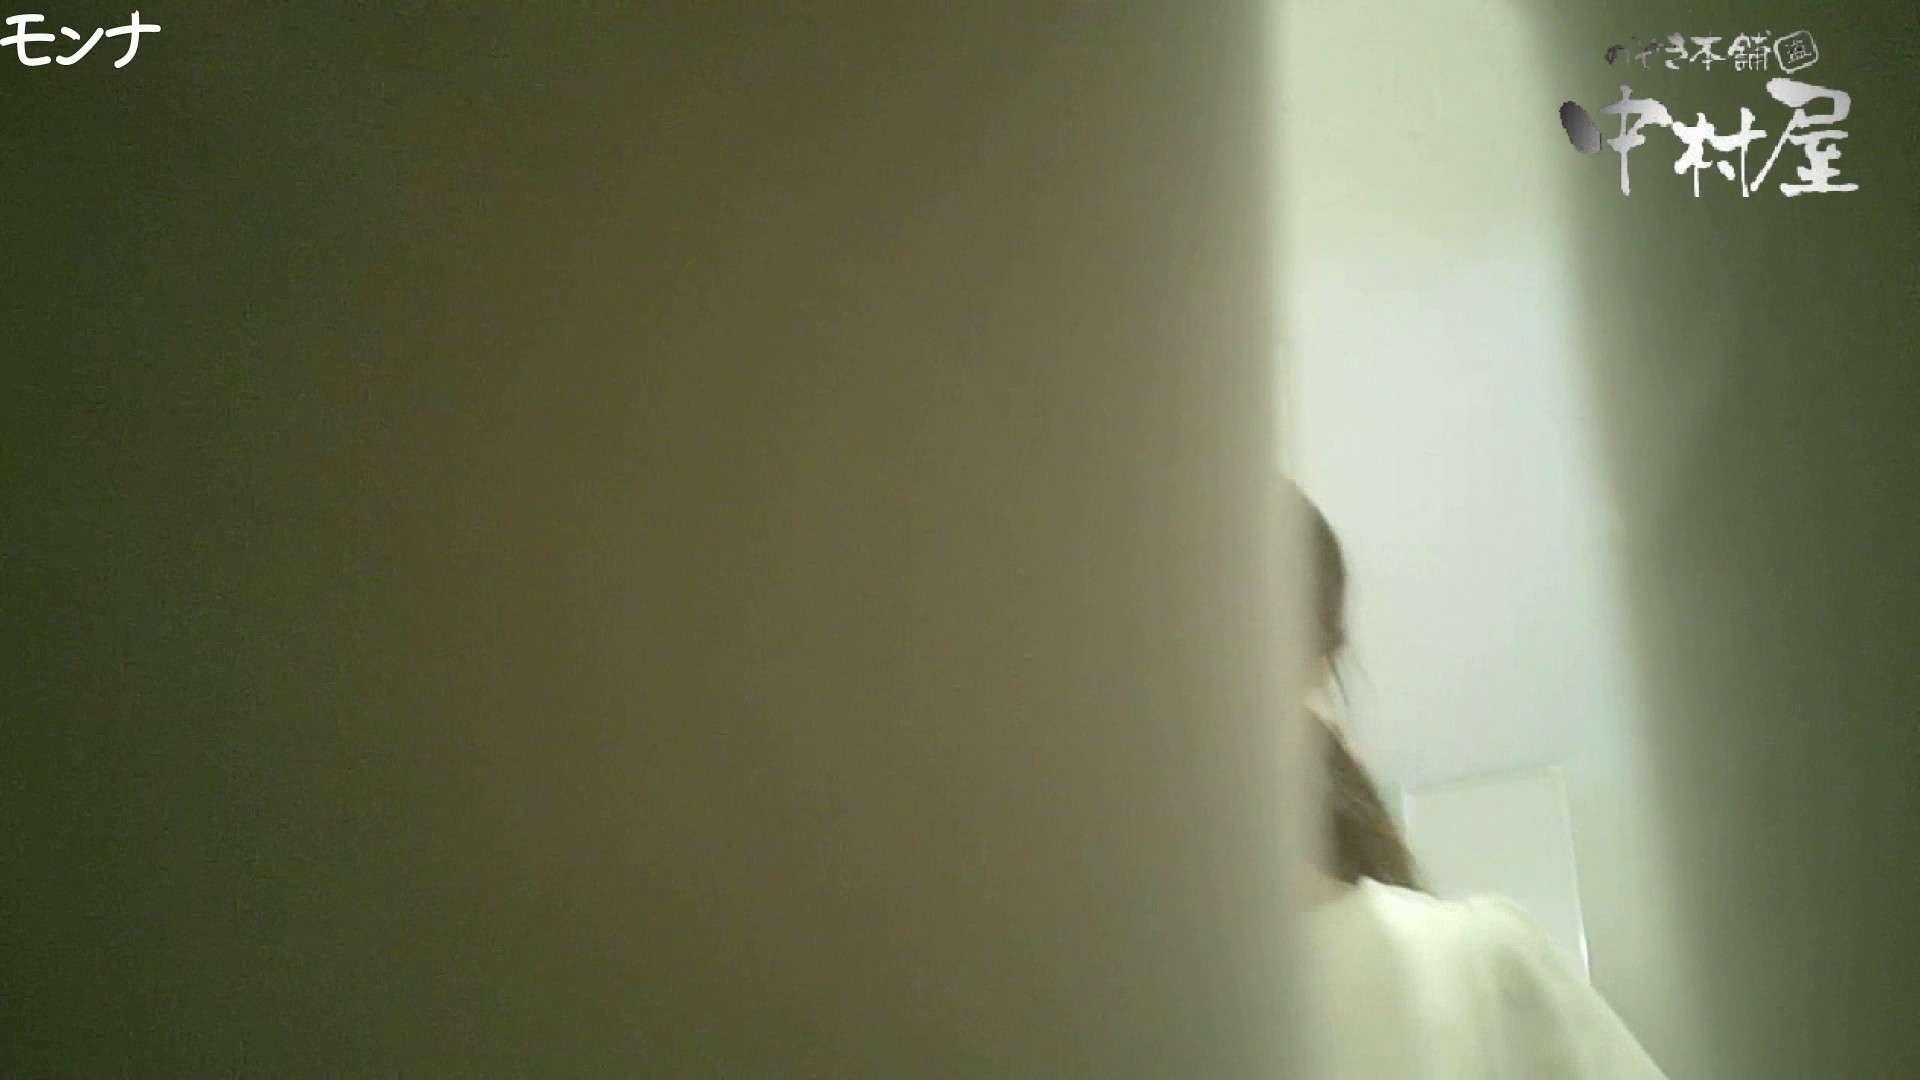 有名大学女性洗面所 vol.65 秘技!!マルチアングル天井撮り!! 和式 | 洗面所  91pic 82